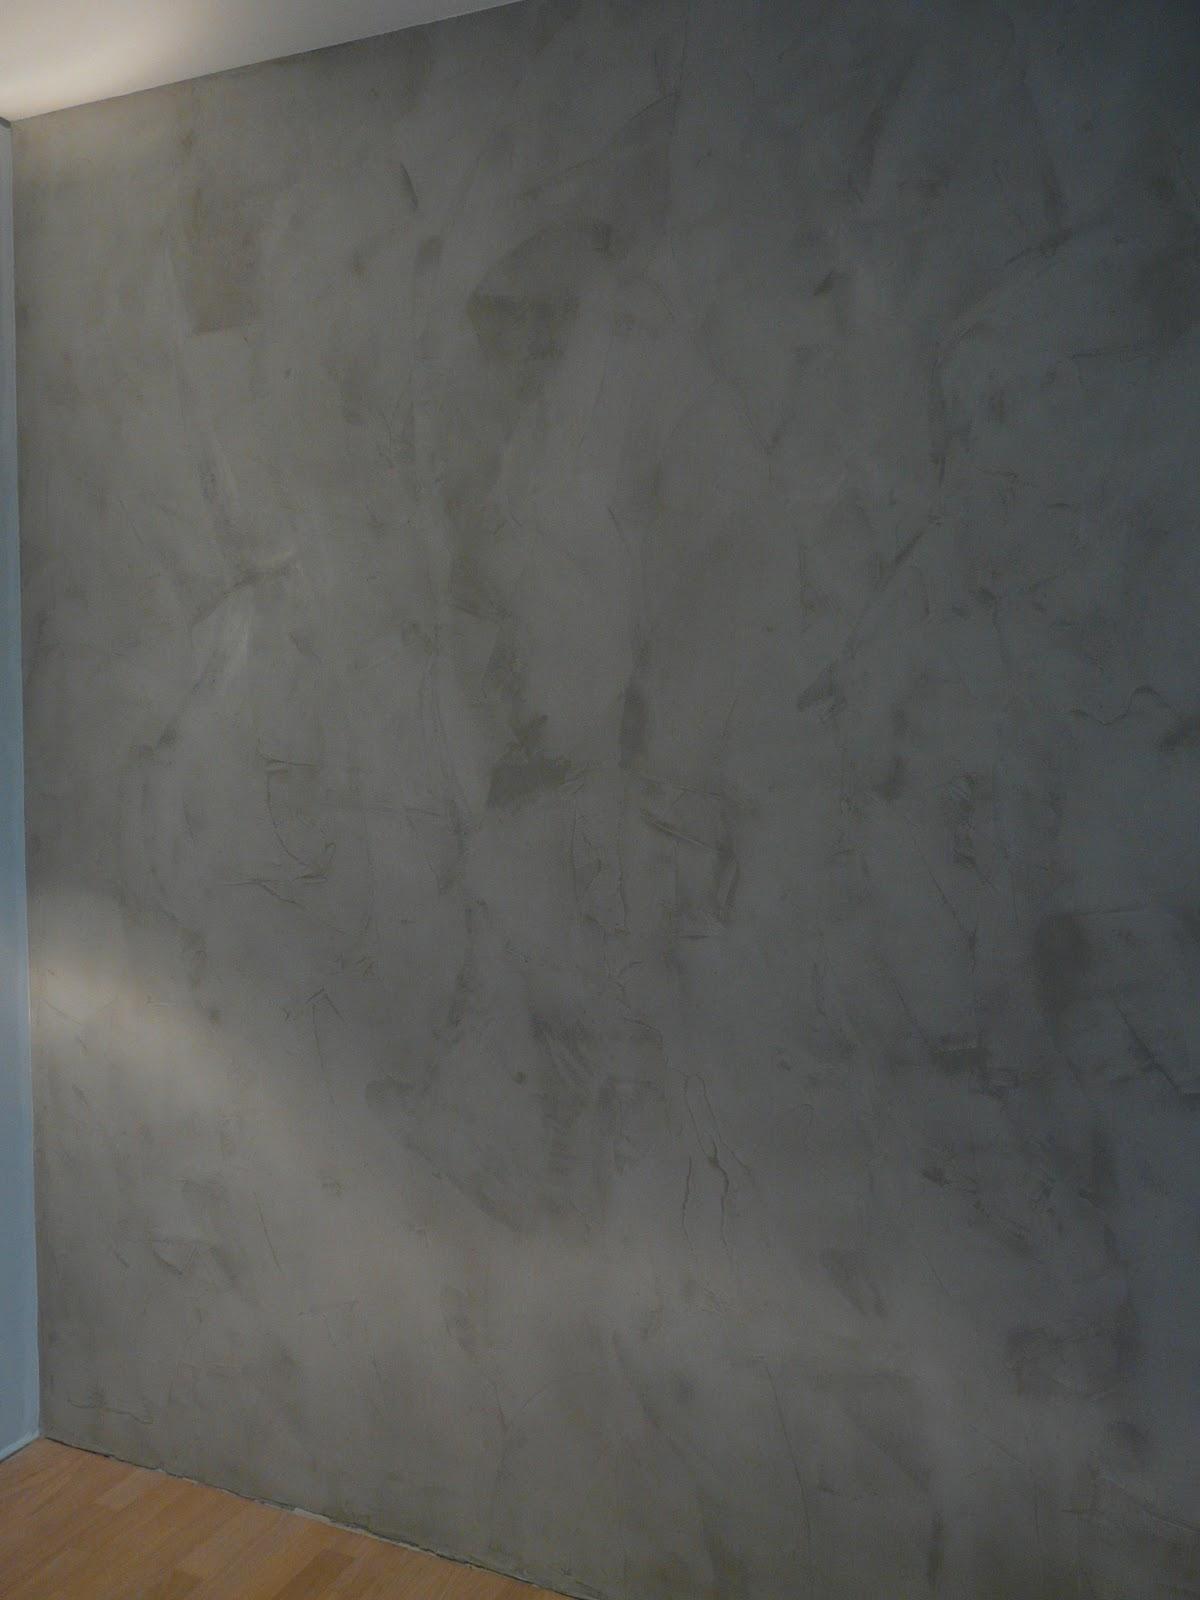 wand wohndesign beton cire beton cir wandgestaltung in betonoptik. Black Bedroom Furniture Sets. Home Design Ideas